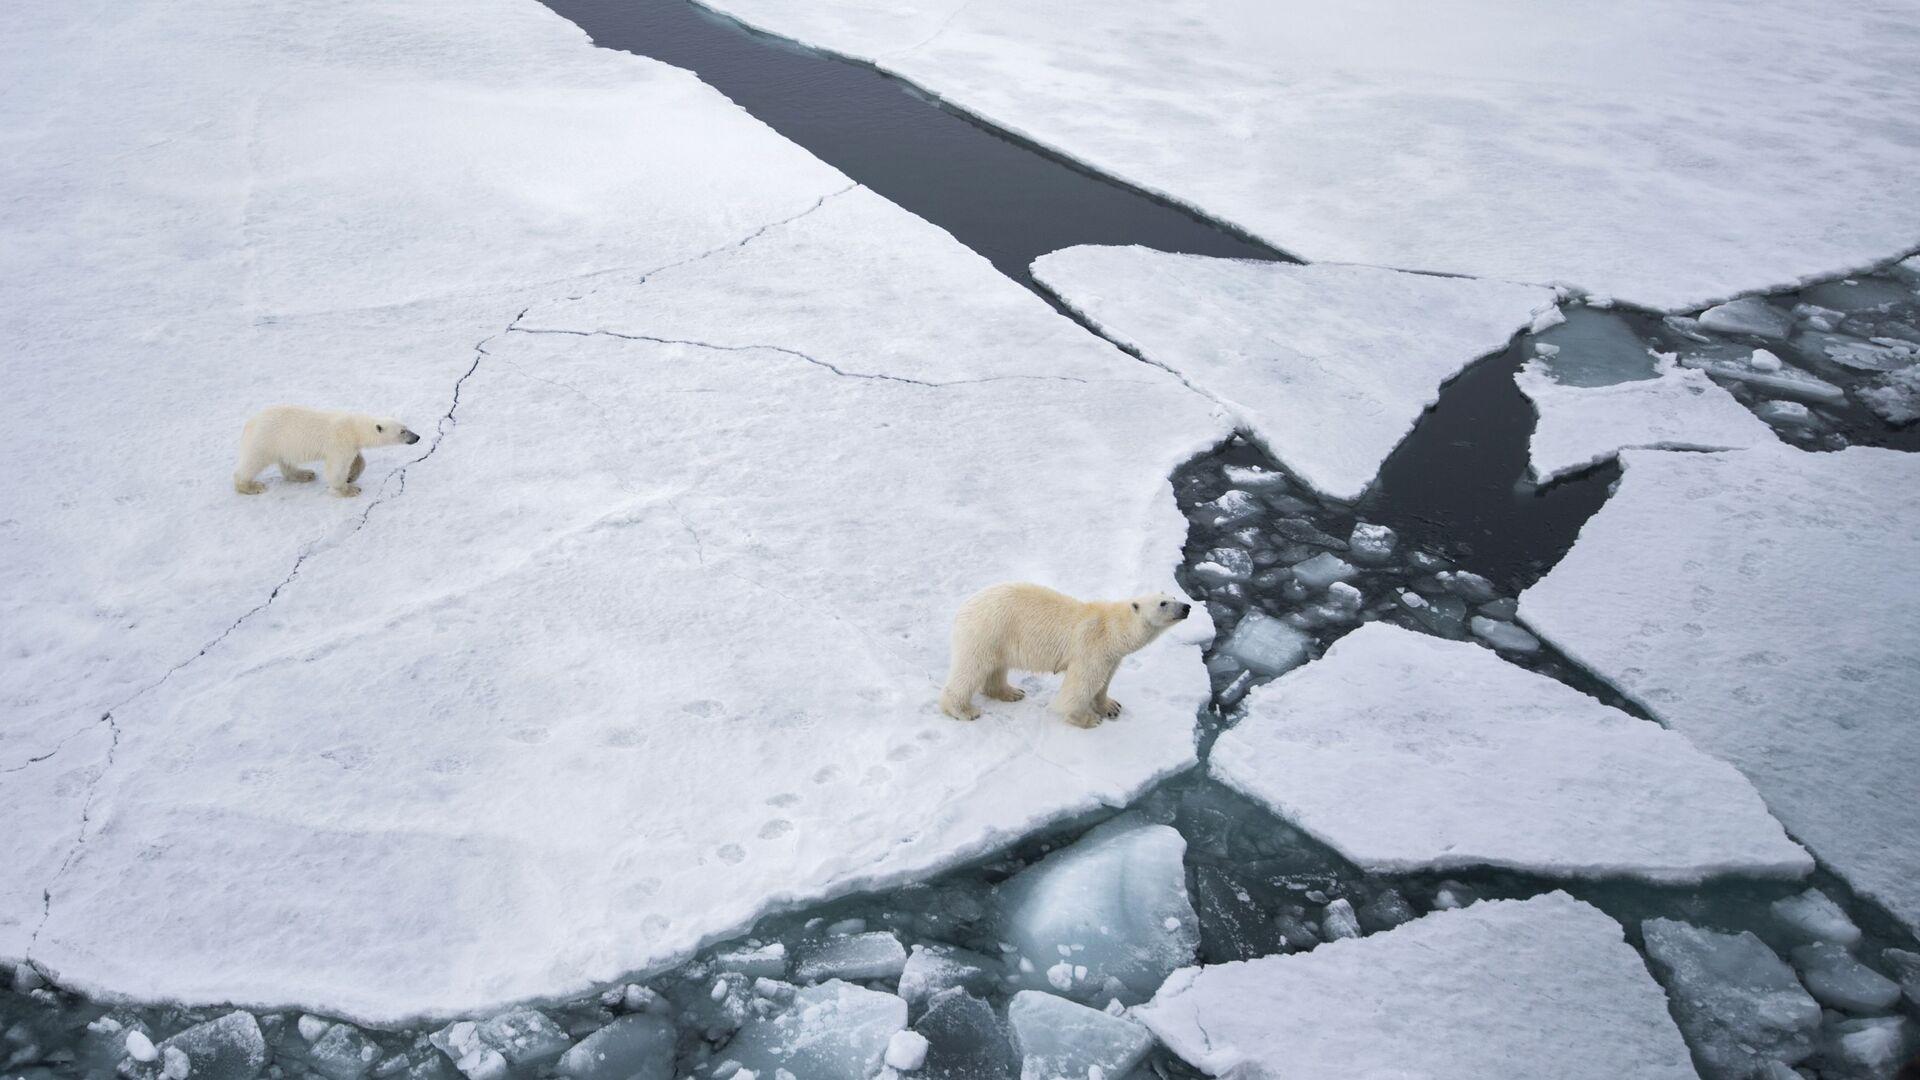 Белая медведица с медвежонком в районе архипелага Земля Франца Иосифа в Баренцевом море - Sputnik Česká republika, 1920, 07.09.2021